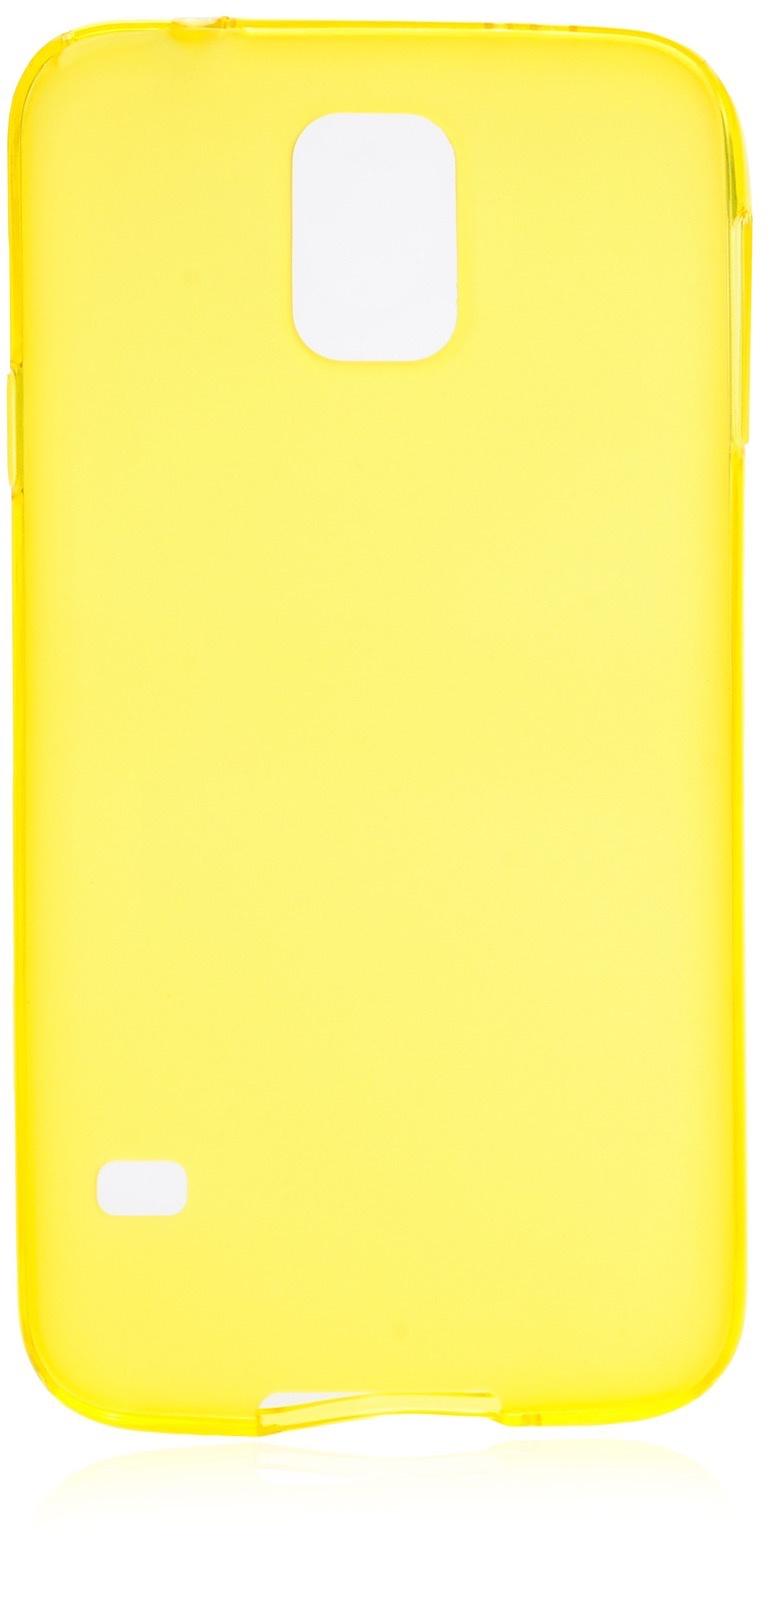 Чехол накладка iNeez силикон матовый 530042 для Samsung Galaxy S5,530042,желтый